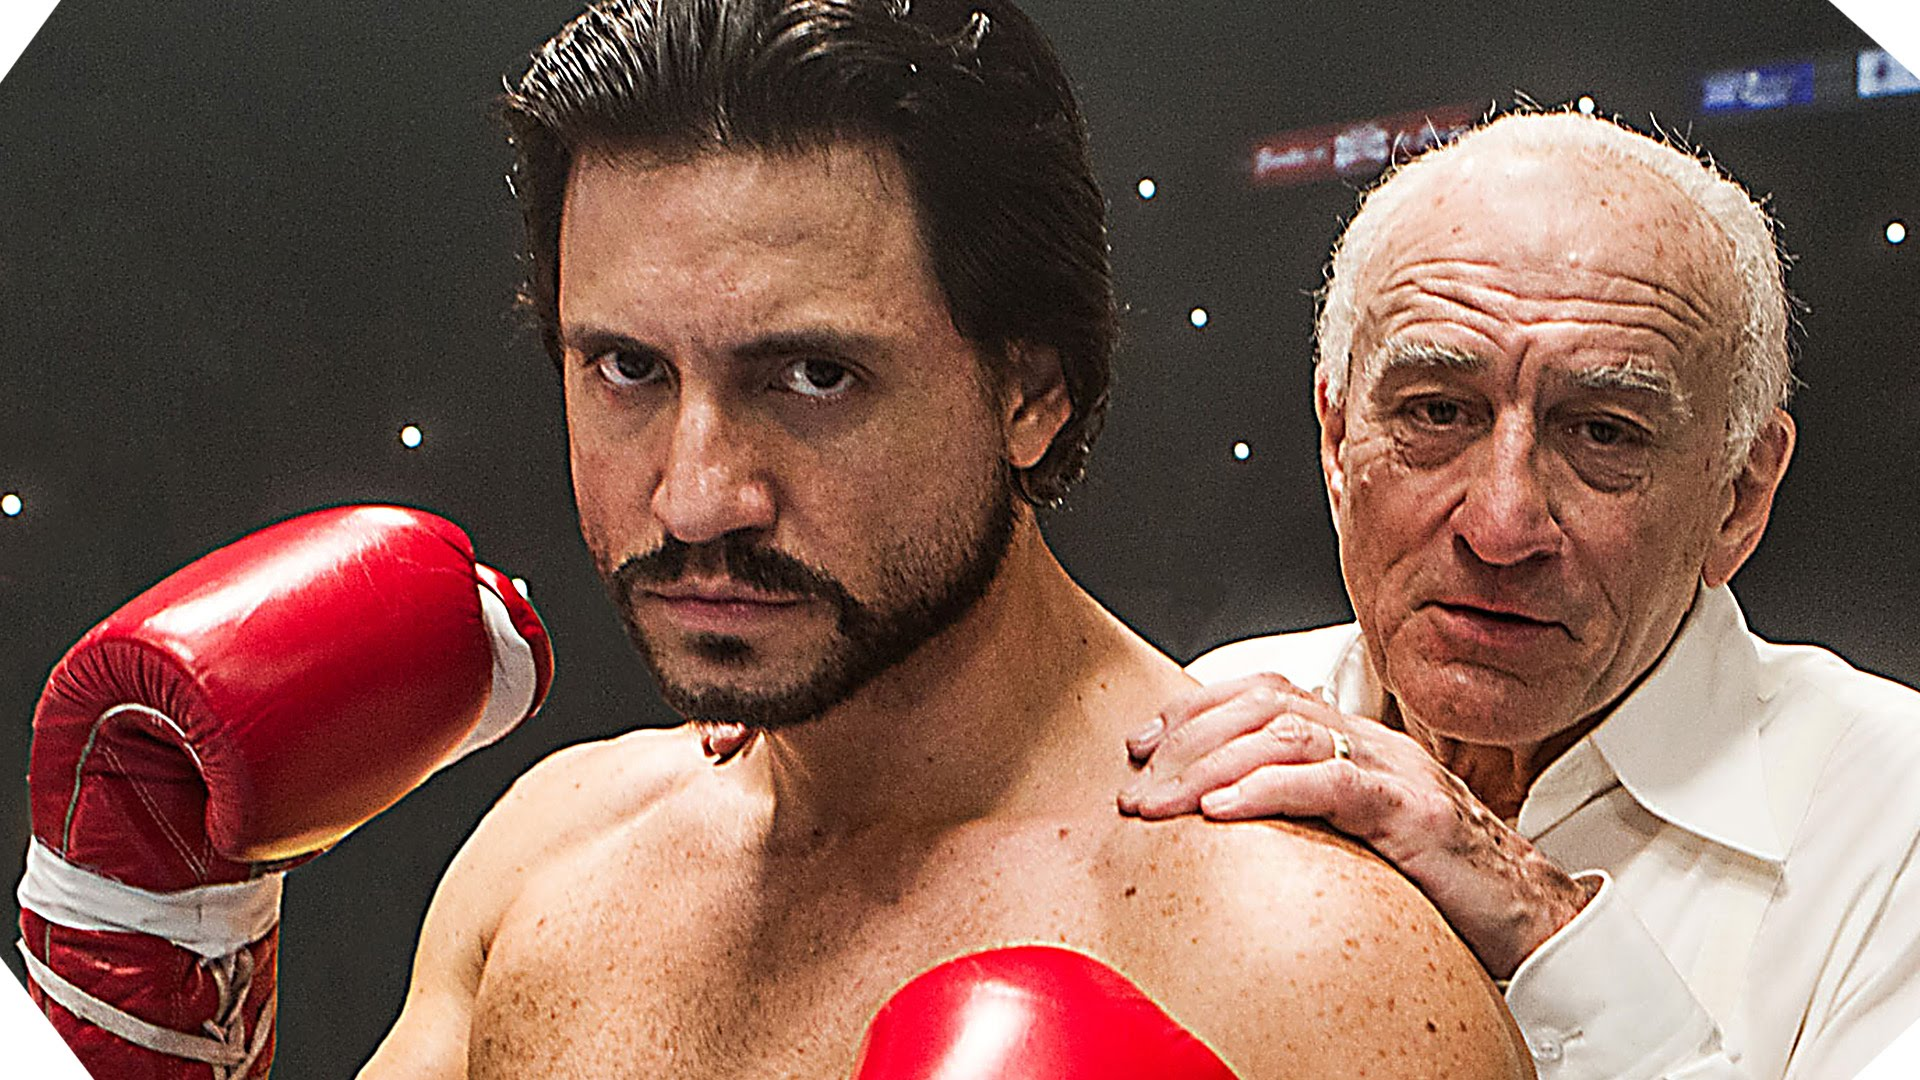 HANDS OF STONE Trailer (Robert De Niro - Roberto Duran Boxing Movie)